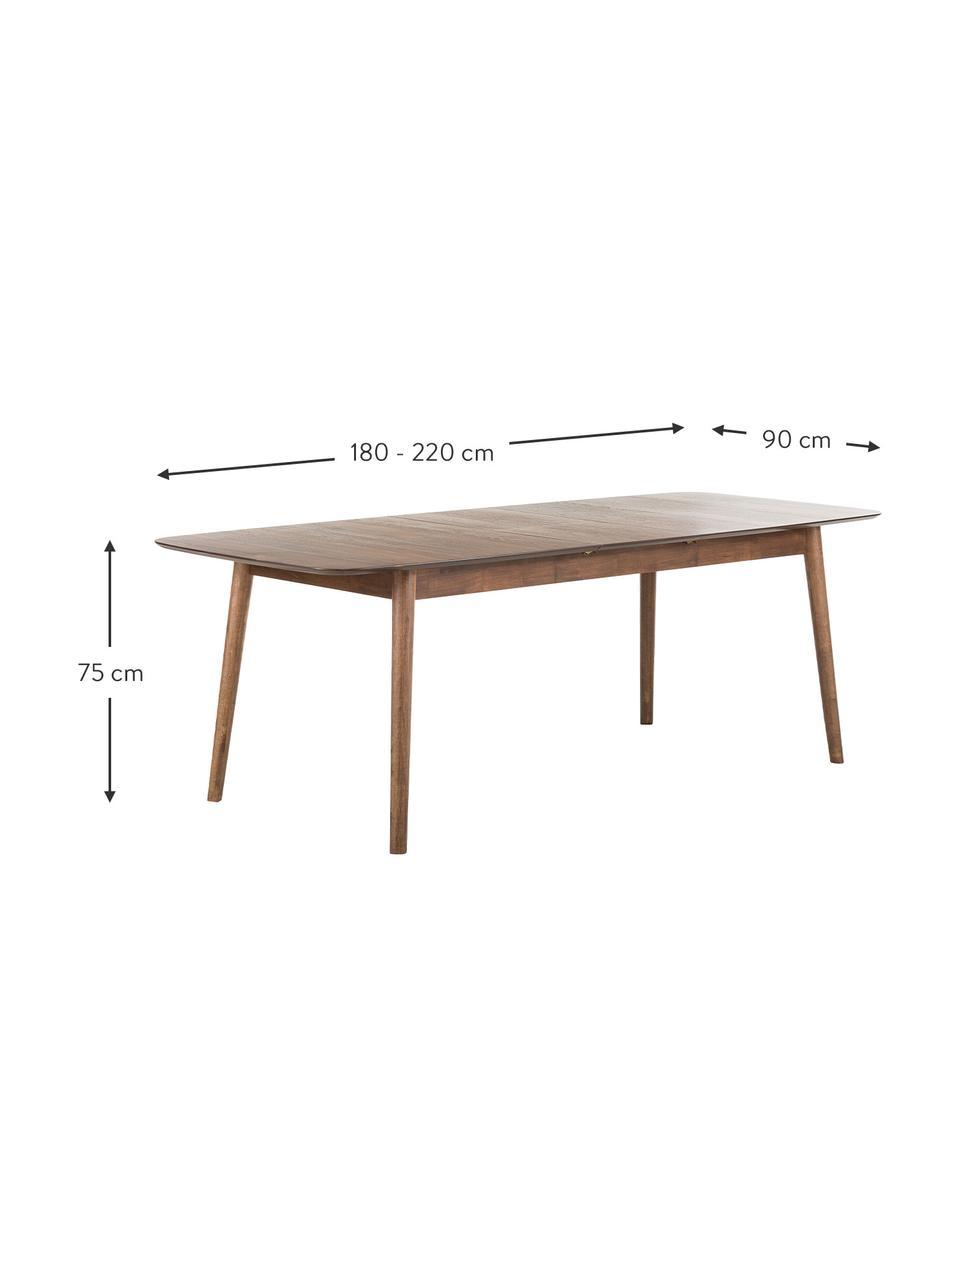 Tavolo allungabile con finitura in noce Montreux, Gambe: legno di albero della gom, Piano: noce Gambe: marrone tinto scuro, Larg. 180 a 220 x Prof. 90 cm